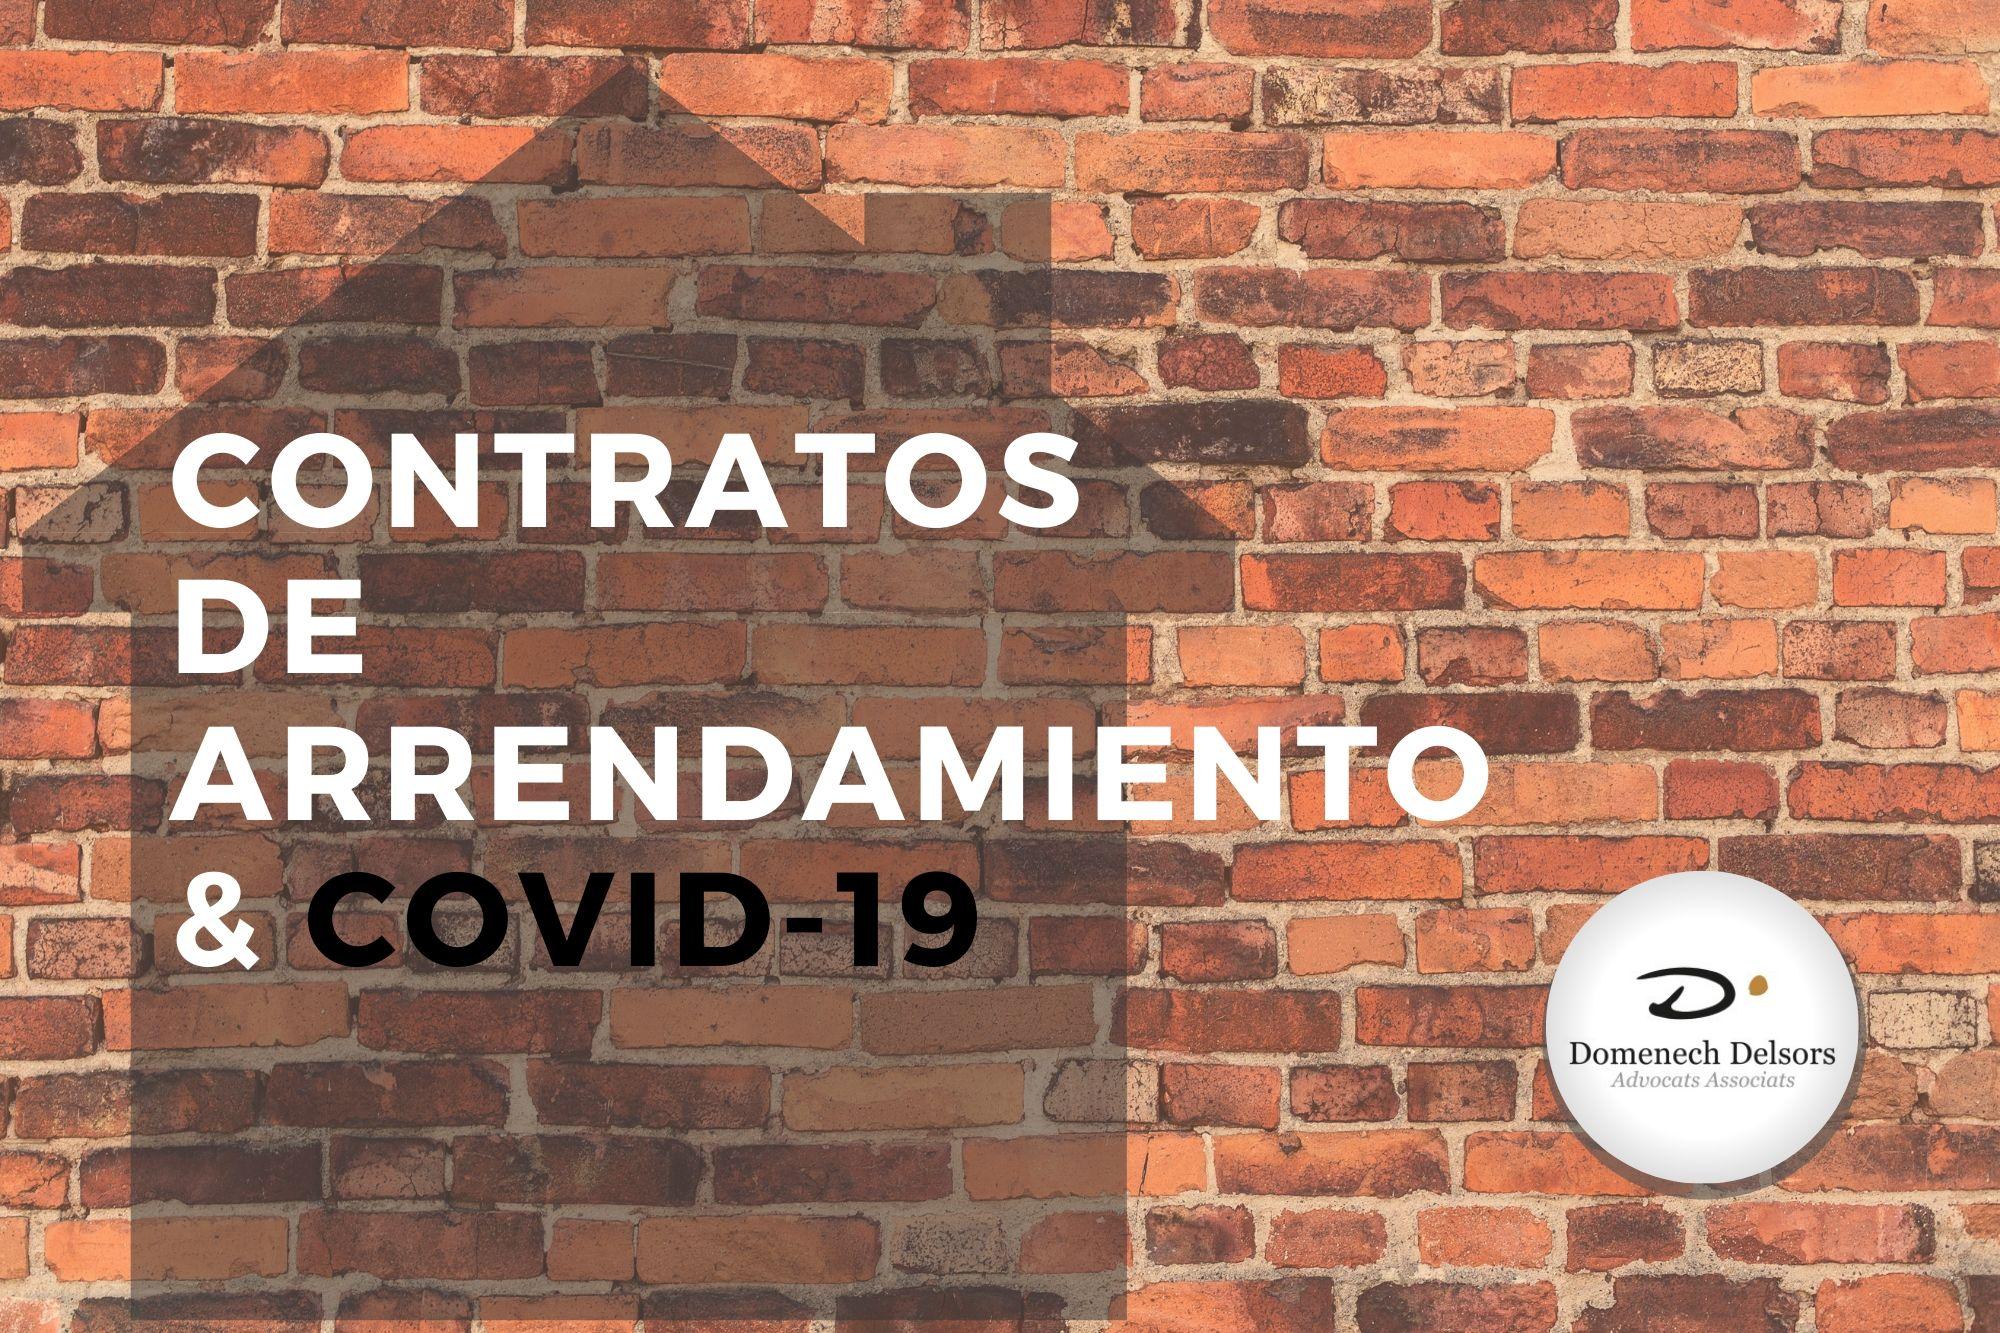 Última Hora: Contratos De Arrendamiento Y Covid 19